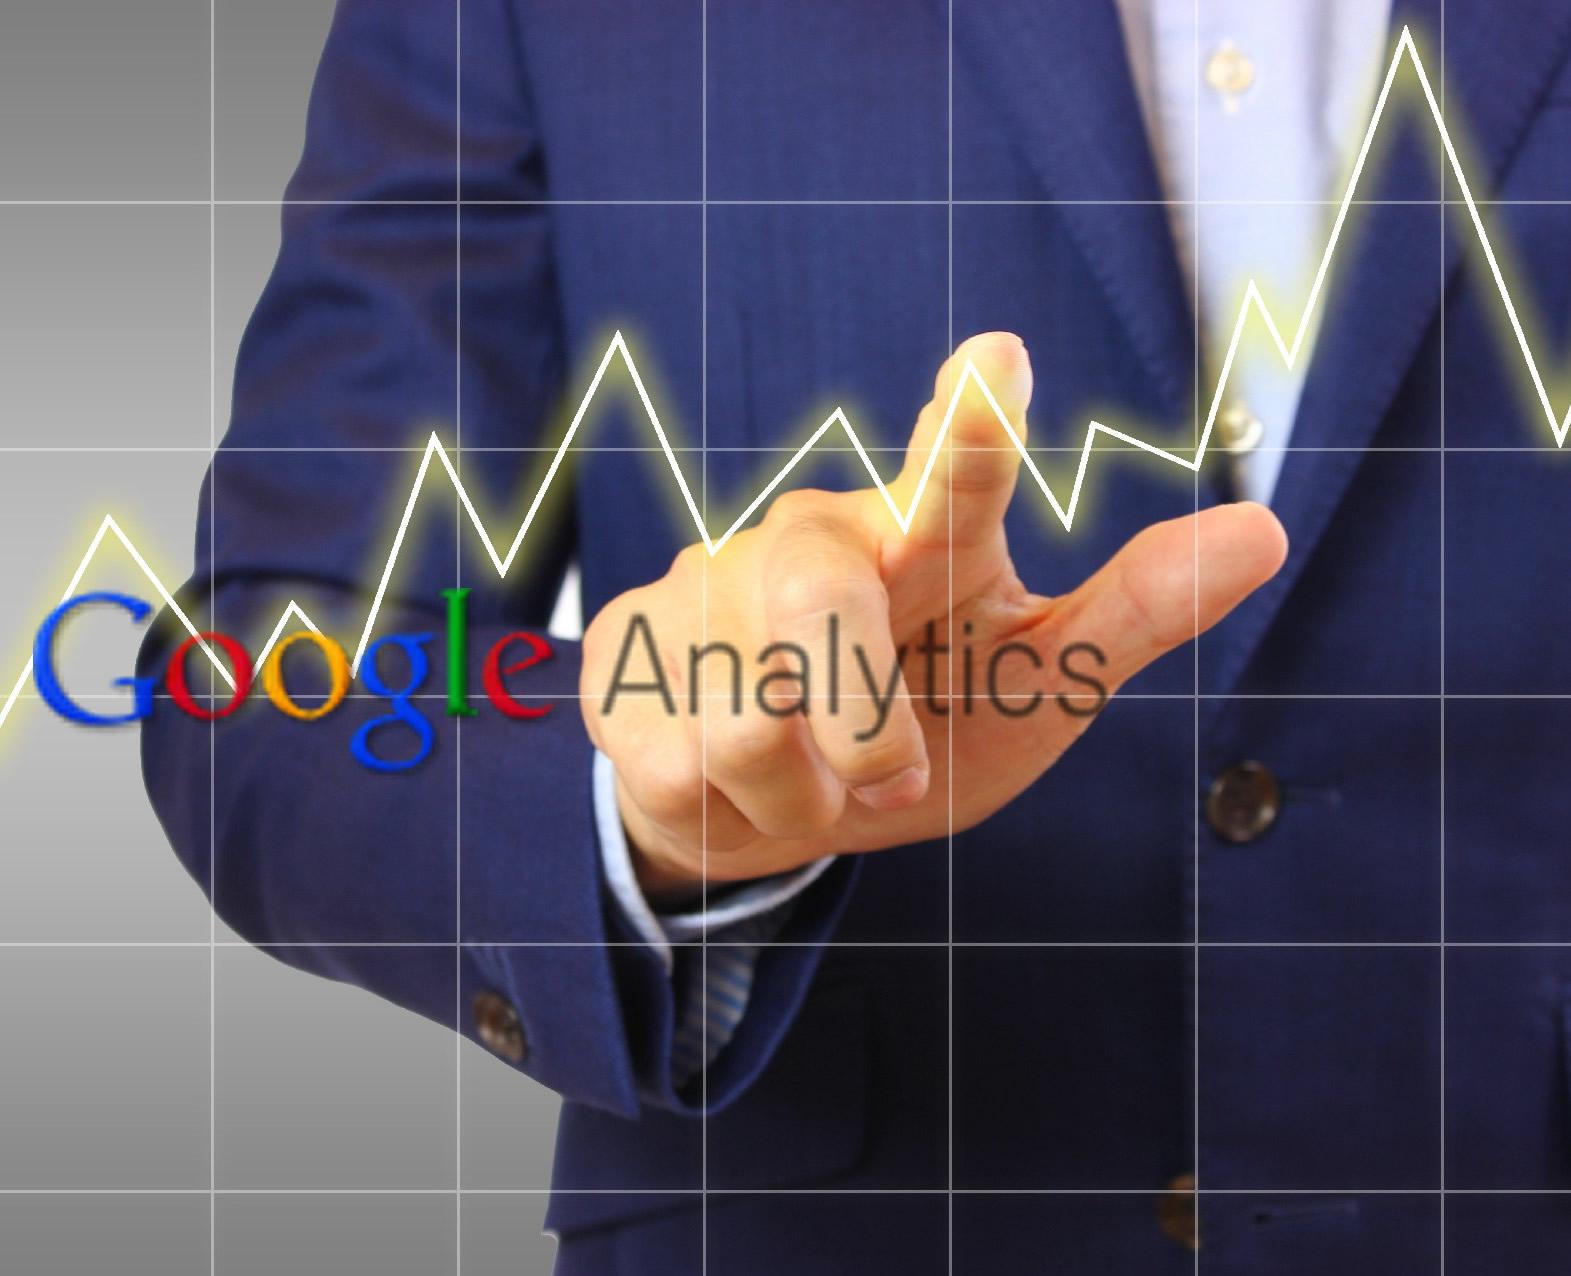 メルマガのクリック数をGoogleAnalyticsで簡単に計測する方法